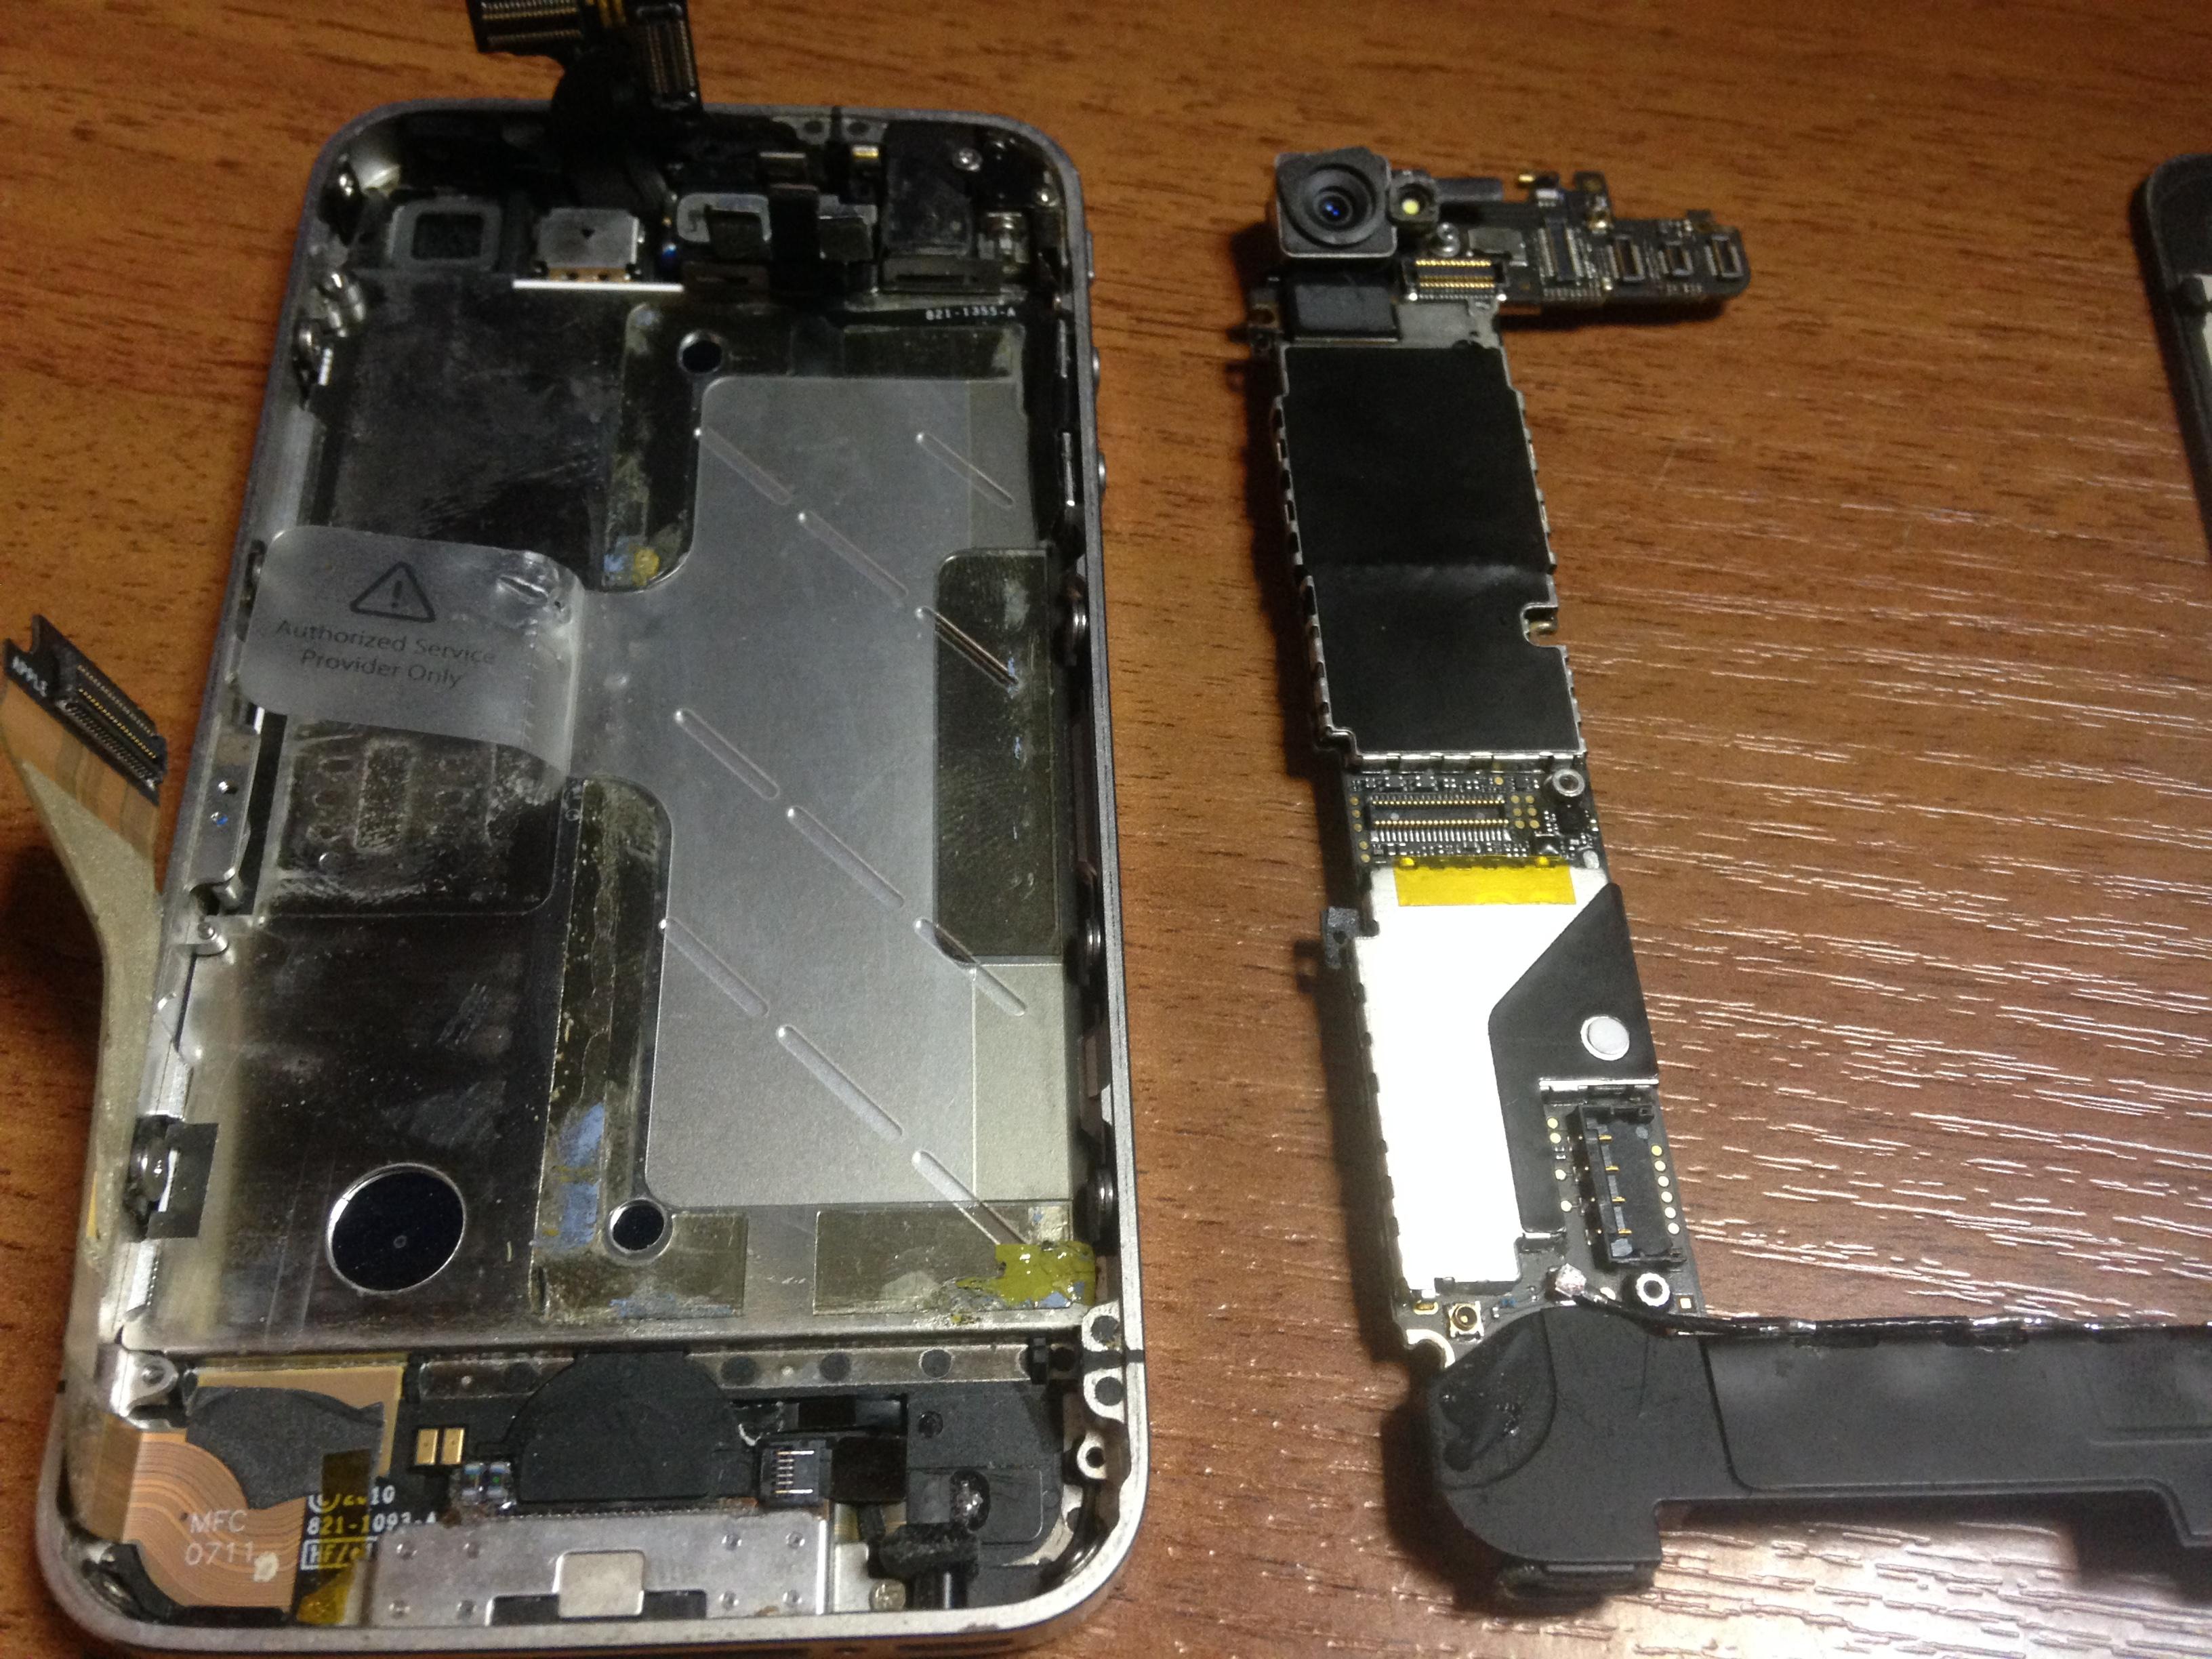 Замена платы iphone 4 своими руками